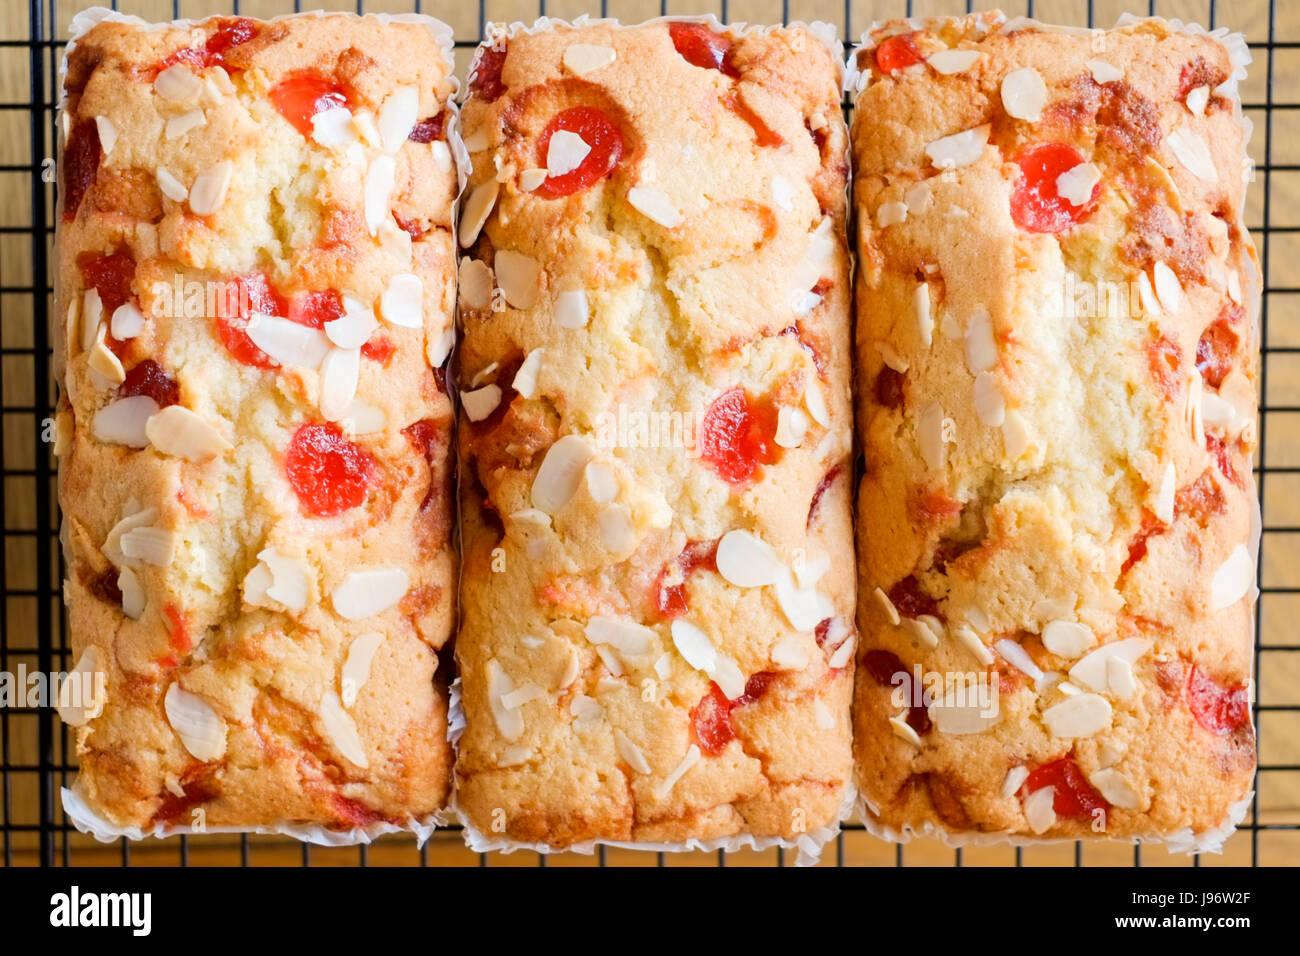 Hausgemachte Speisen. Drei Kirsche und Mandel Kuchen auf ein Kuchengitter. Stockfoto